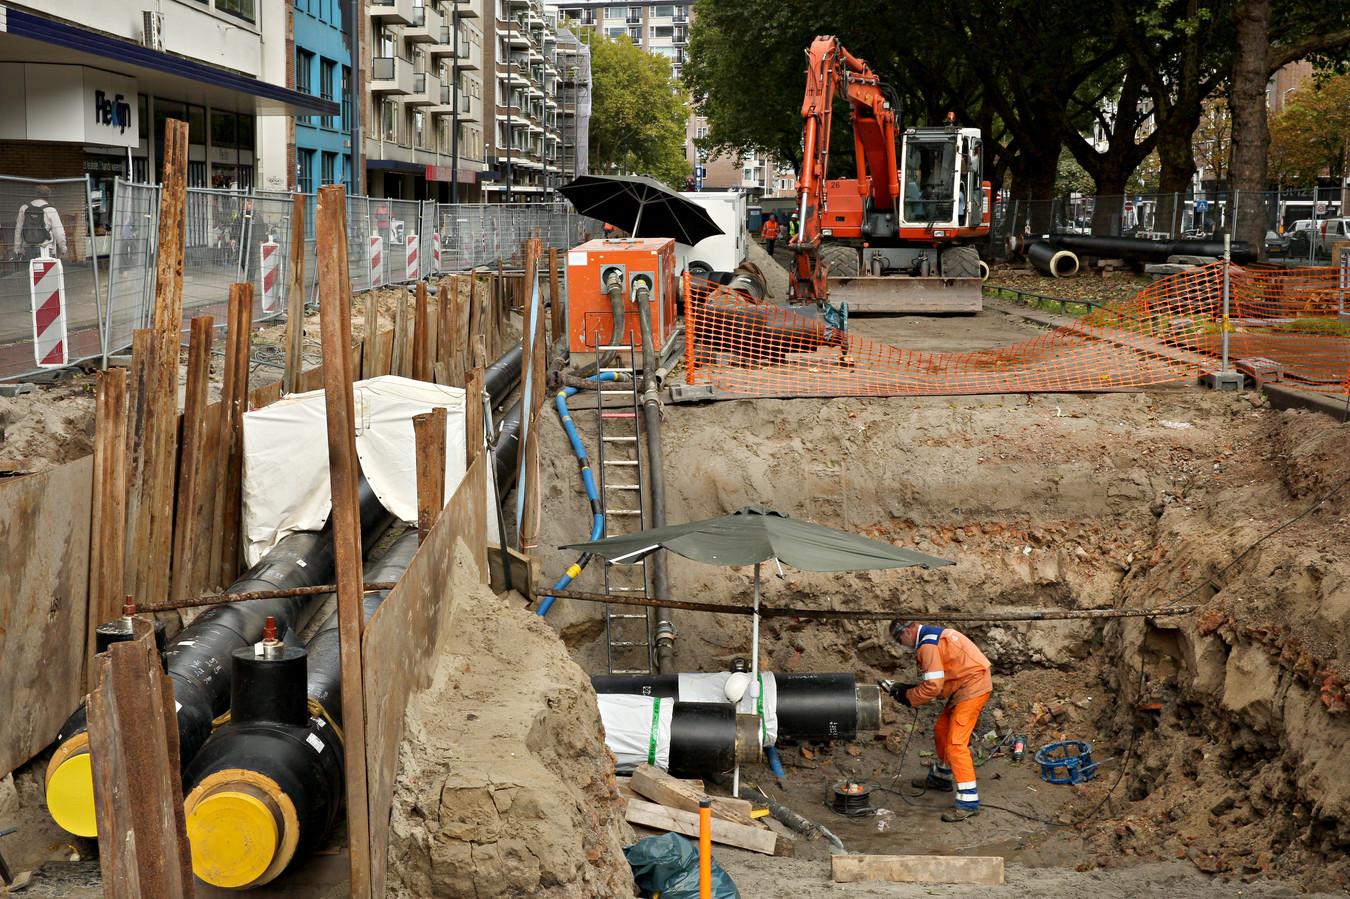 Werk aan de stadsverwarming aan de Mariniersweg in het centrum van Rotterdam.